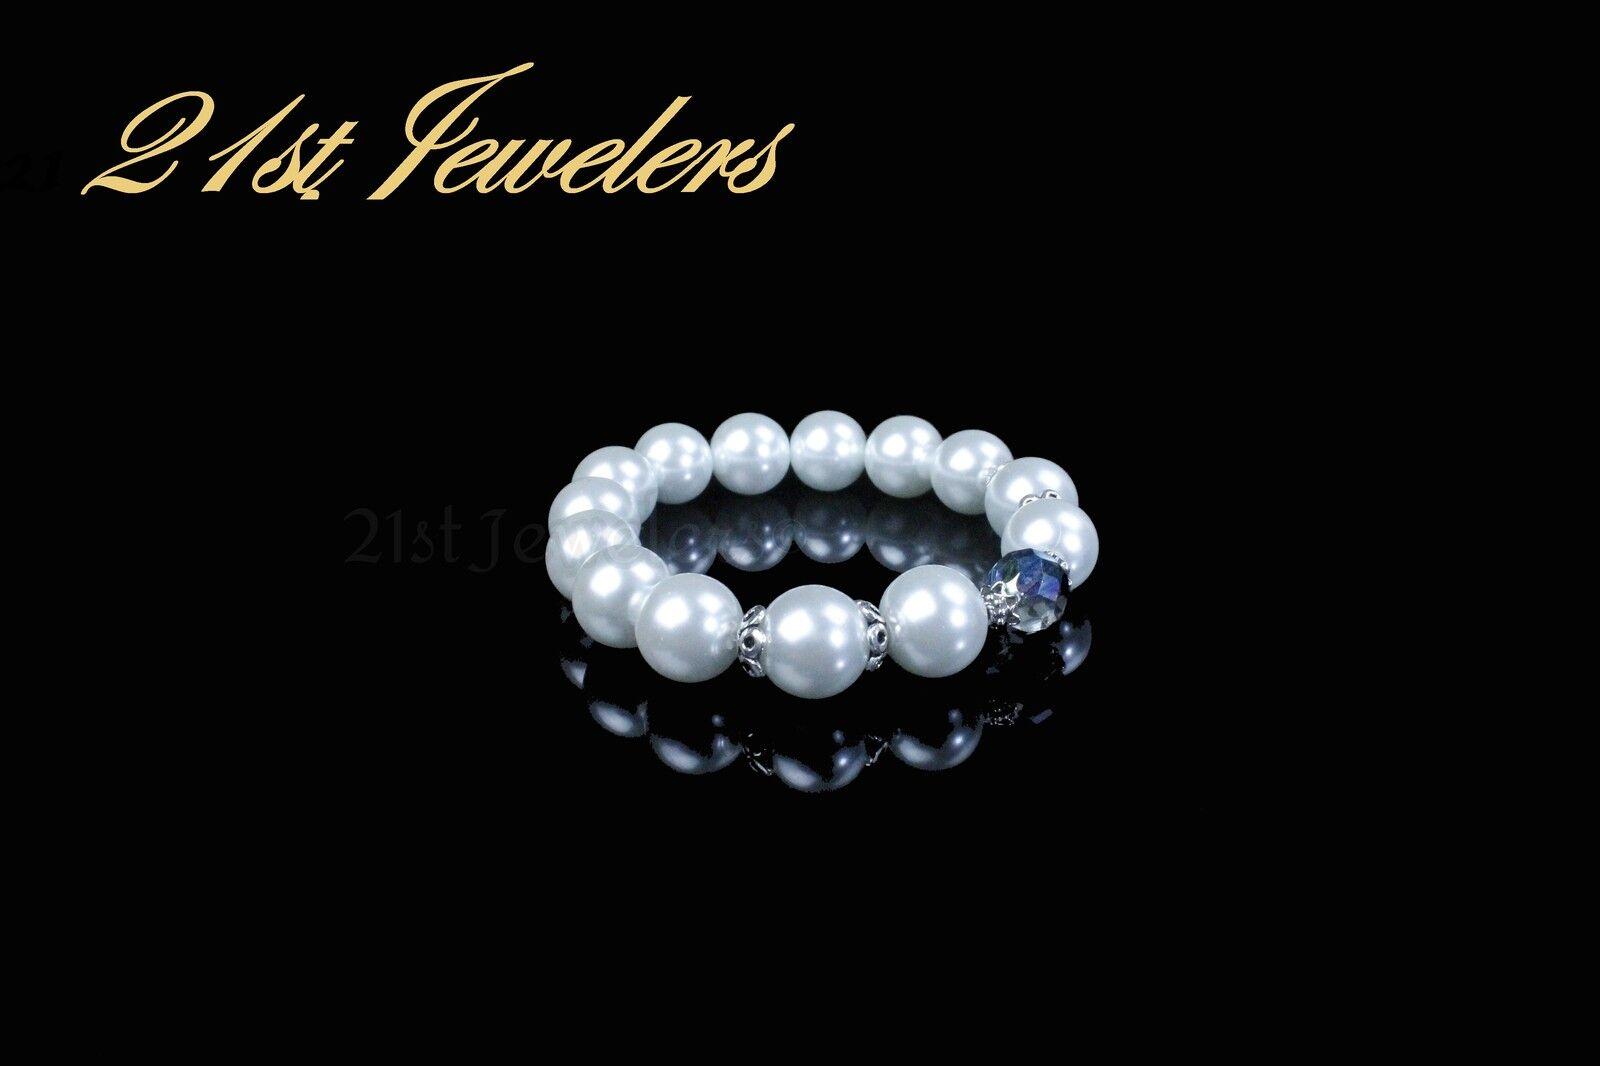 21stjewelers